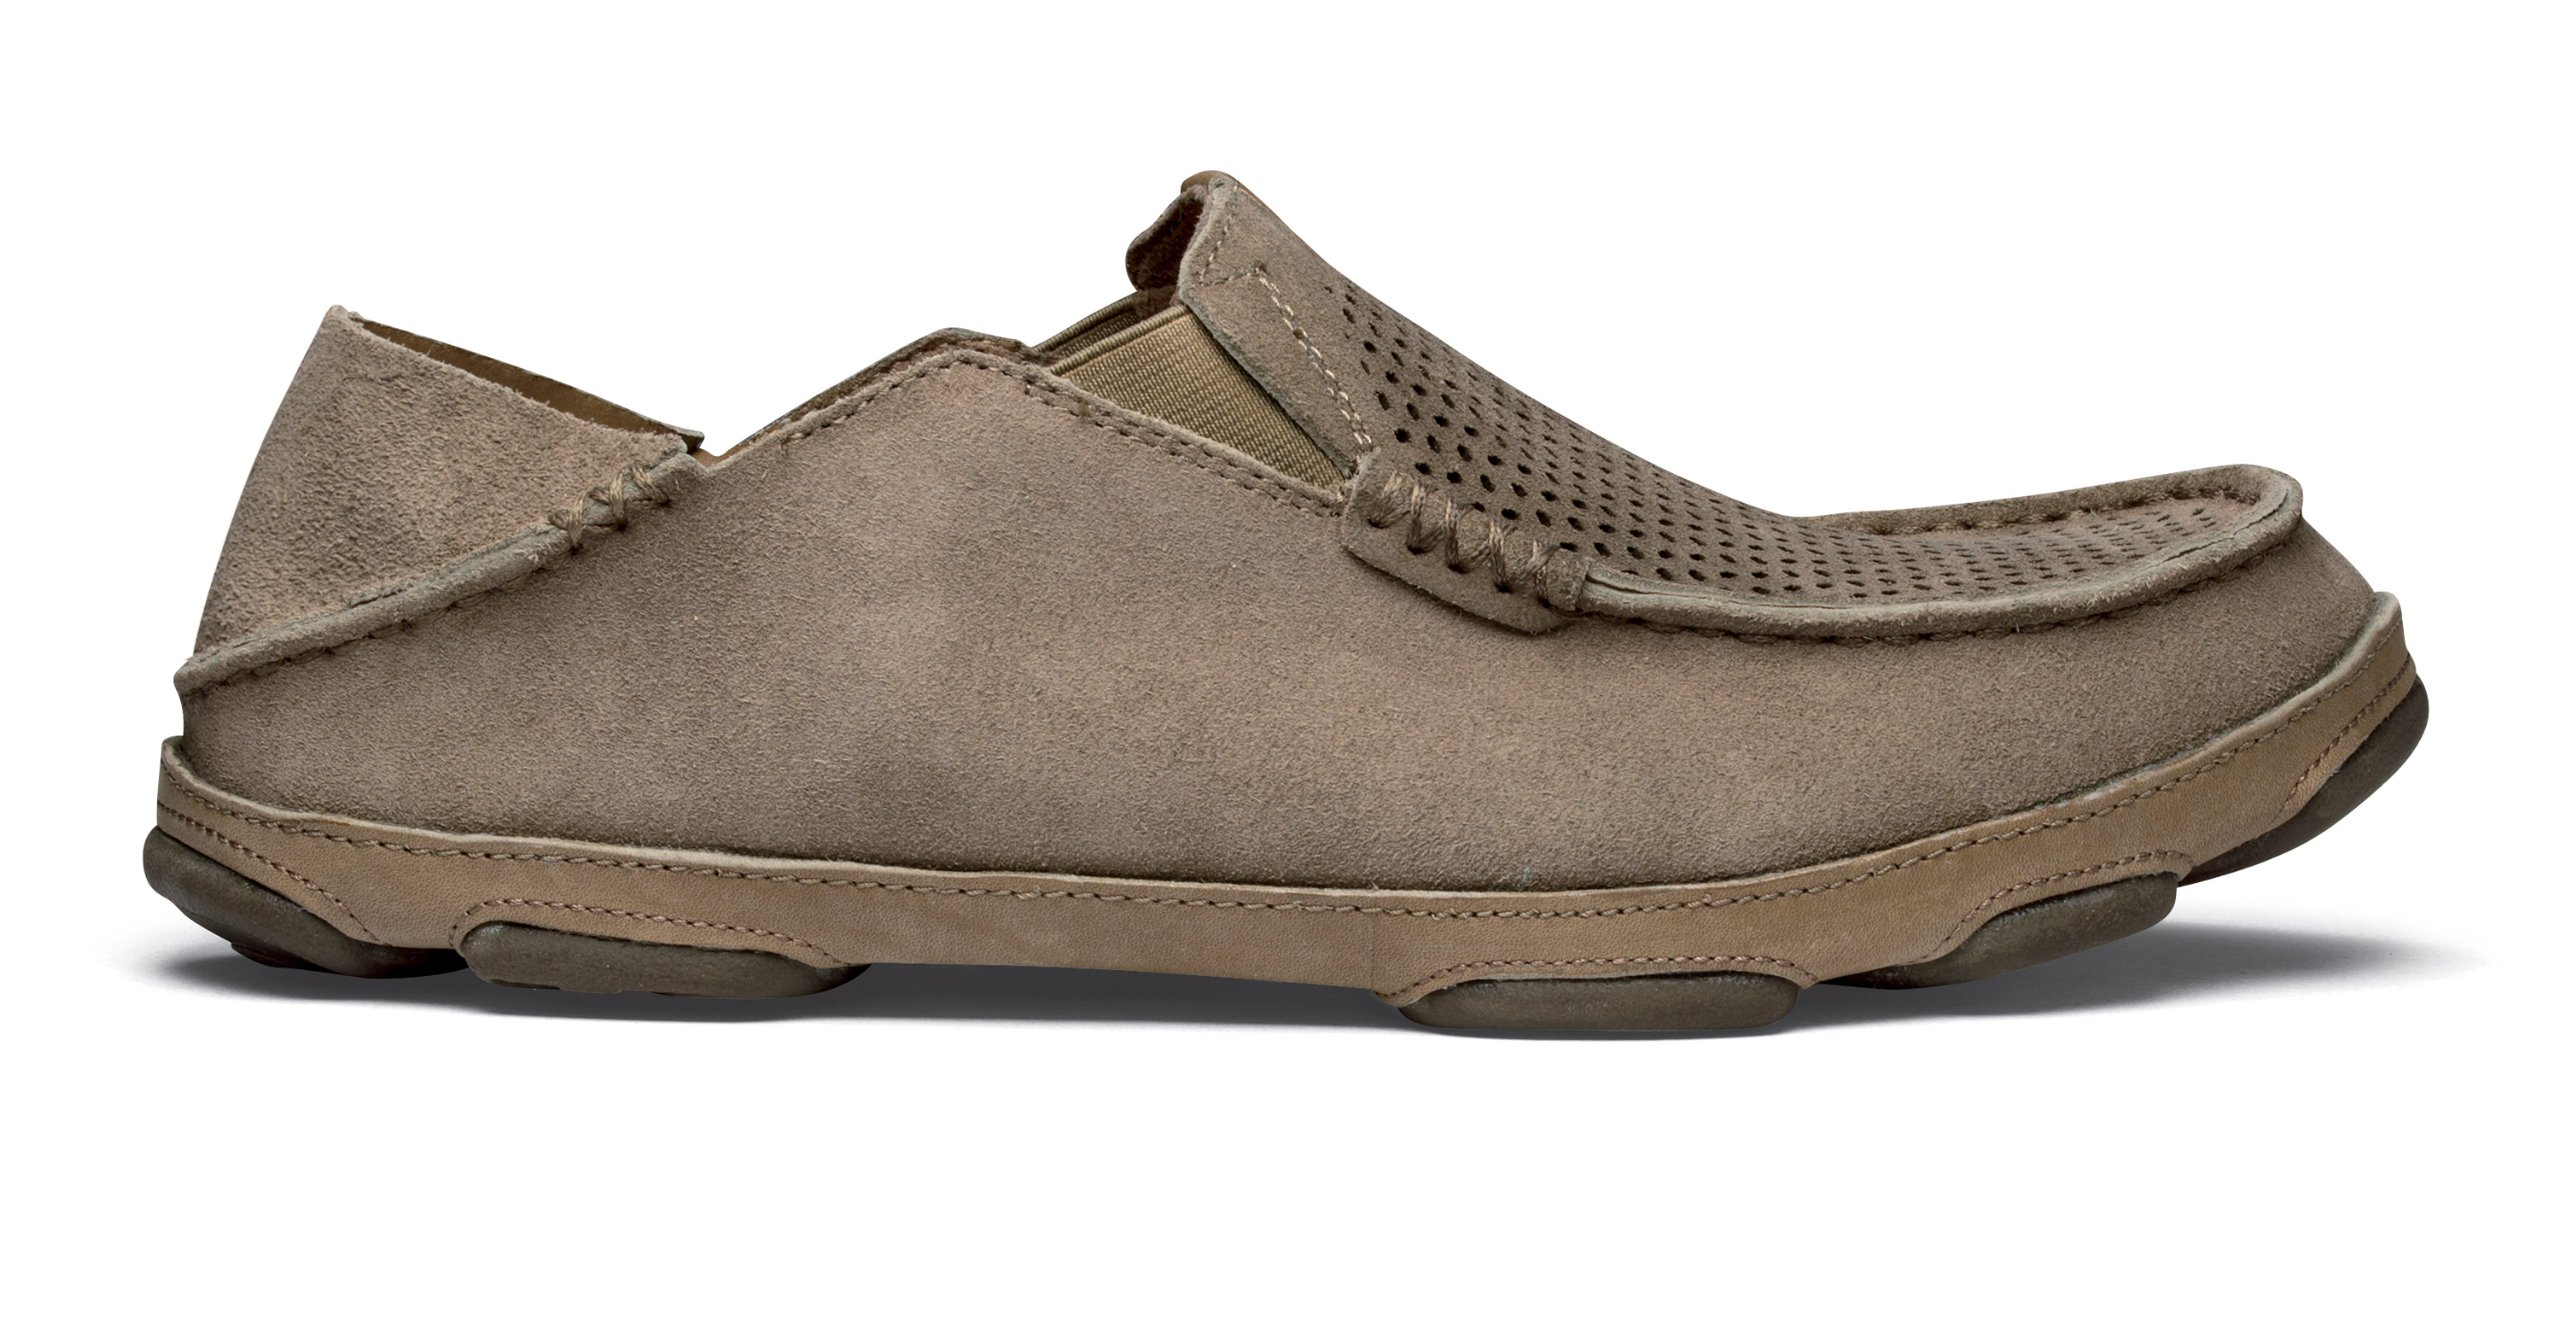 OluKai Moloa Kohana Shoe - Men's Clay/Clay 12